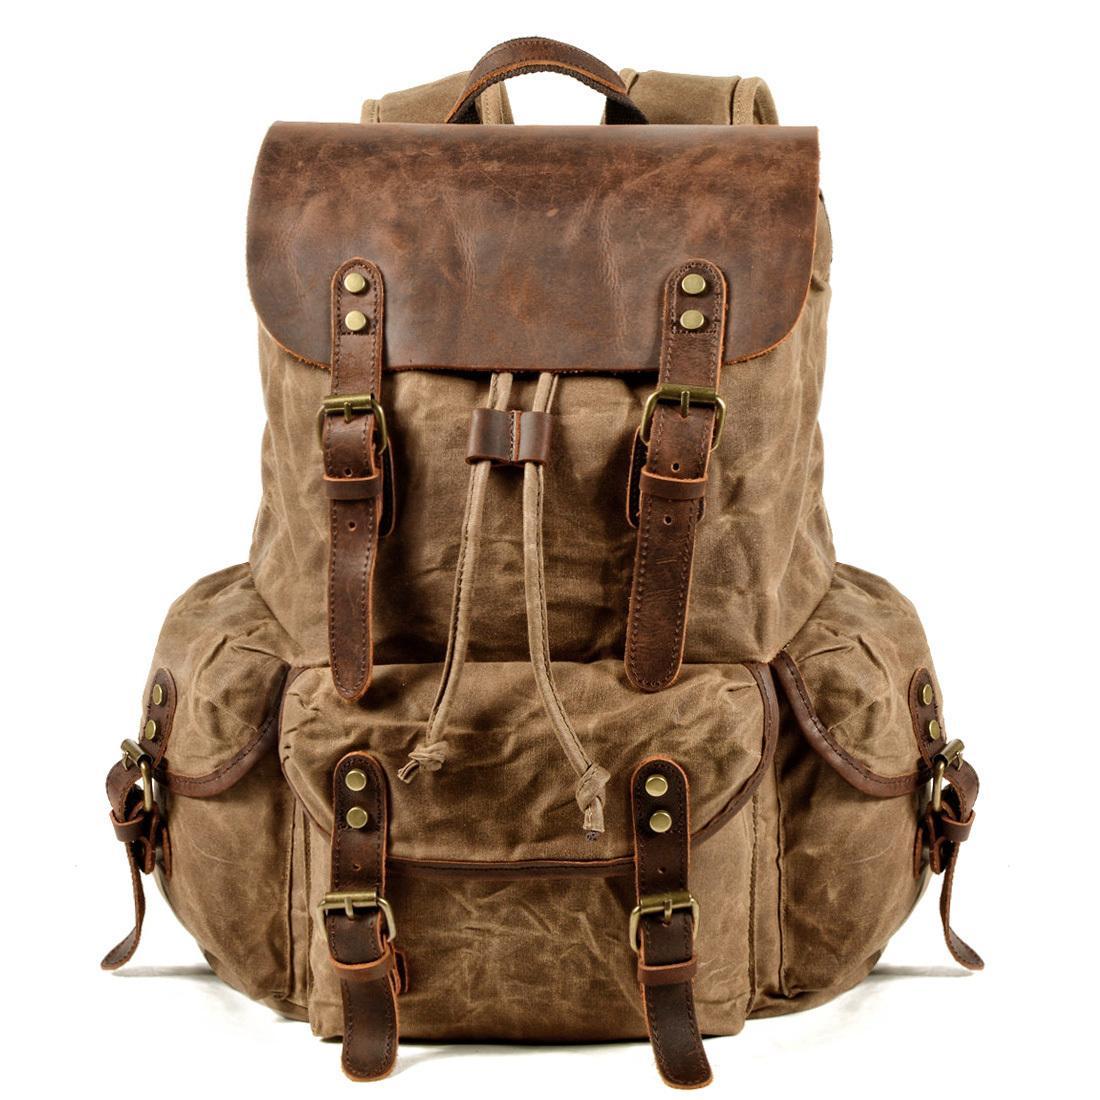 Herren Rucksack Leinwand Laptop Leder Vintage Reise Fach Rustikale Männer Wachs Bücherbag forwith Rucksack Rucksäcke Wachster Ligxf